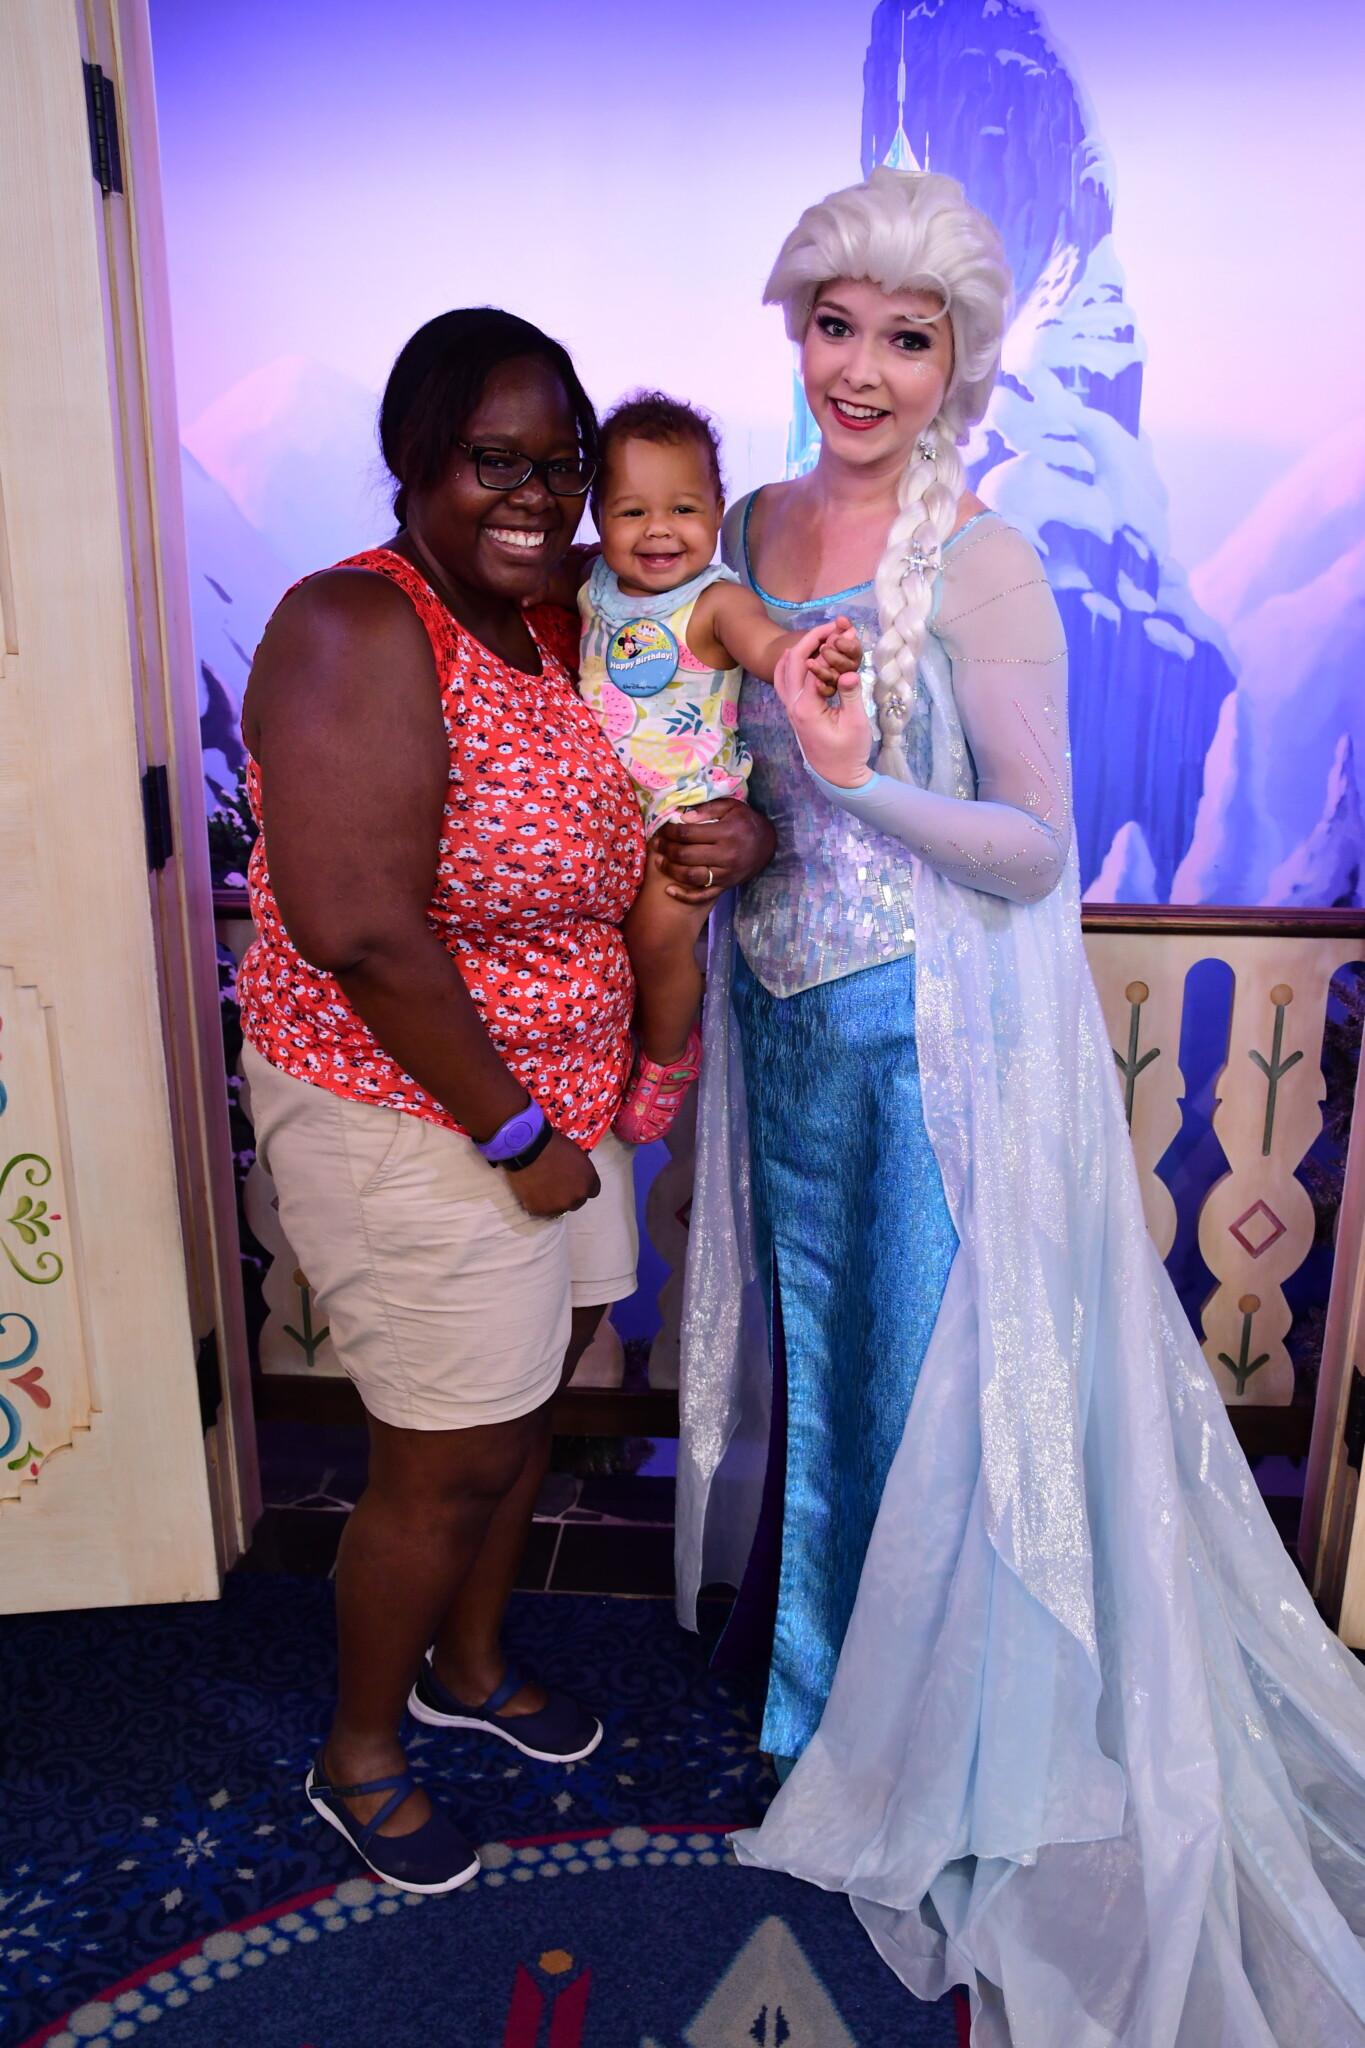 2 semaines en Floride avec un bébé de 1 an - Séjour du 2 au 16 mai 2019 DCL + WDW - Page 18 Fd47cc3f-db71-47b6-a12b-eea739b194e8-1365x2048